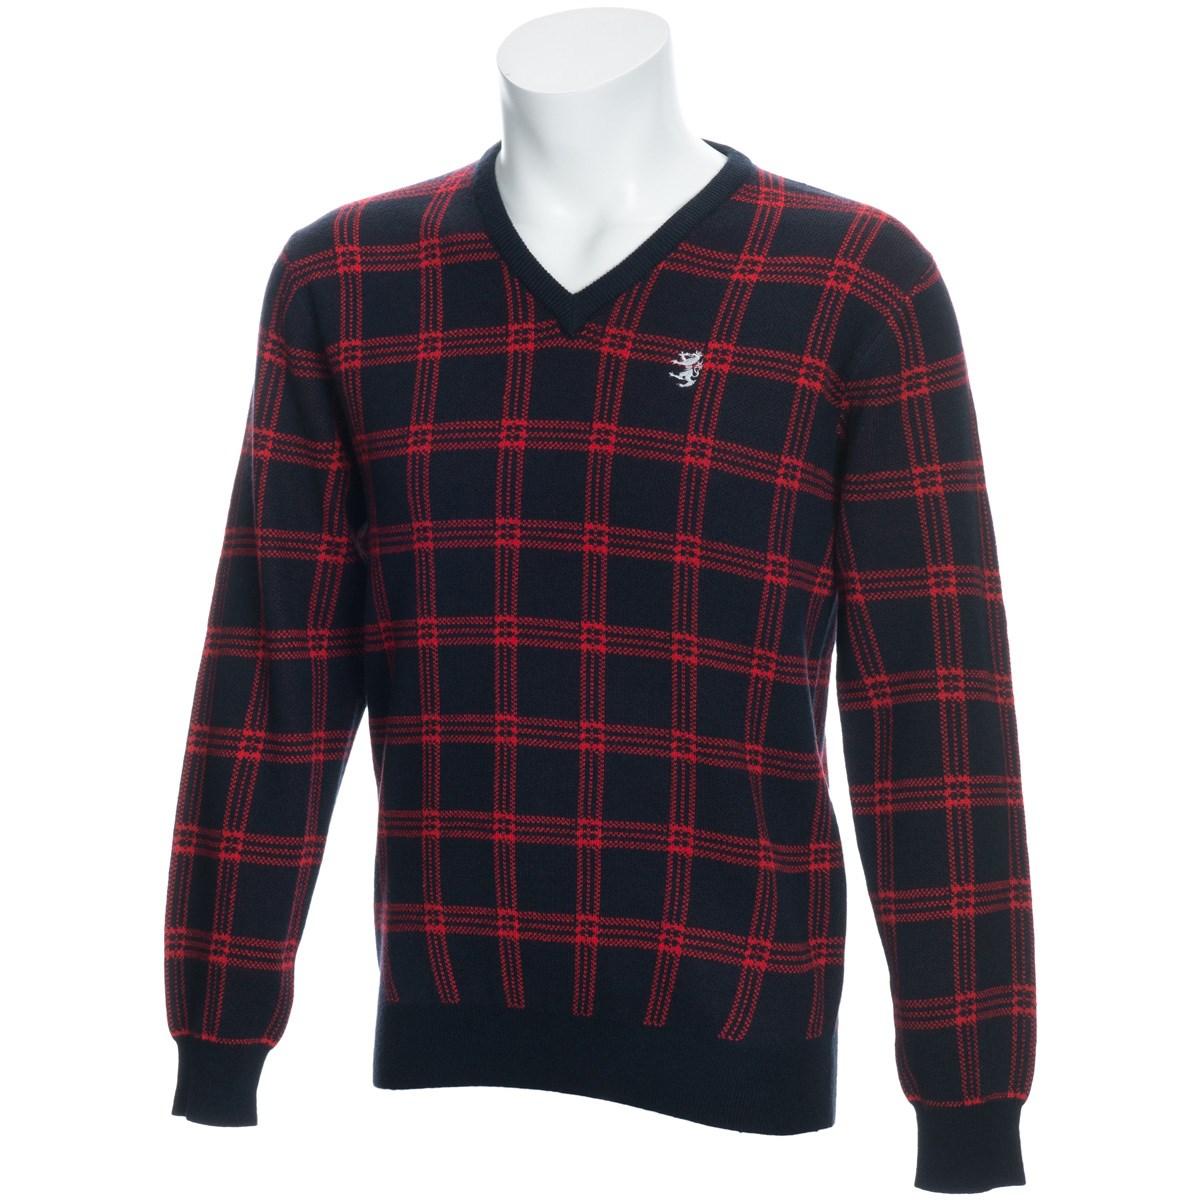 アドミラル チェック Vネックセーター